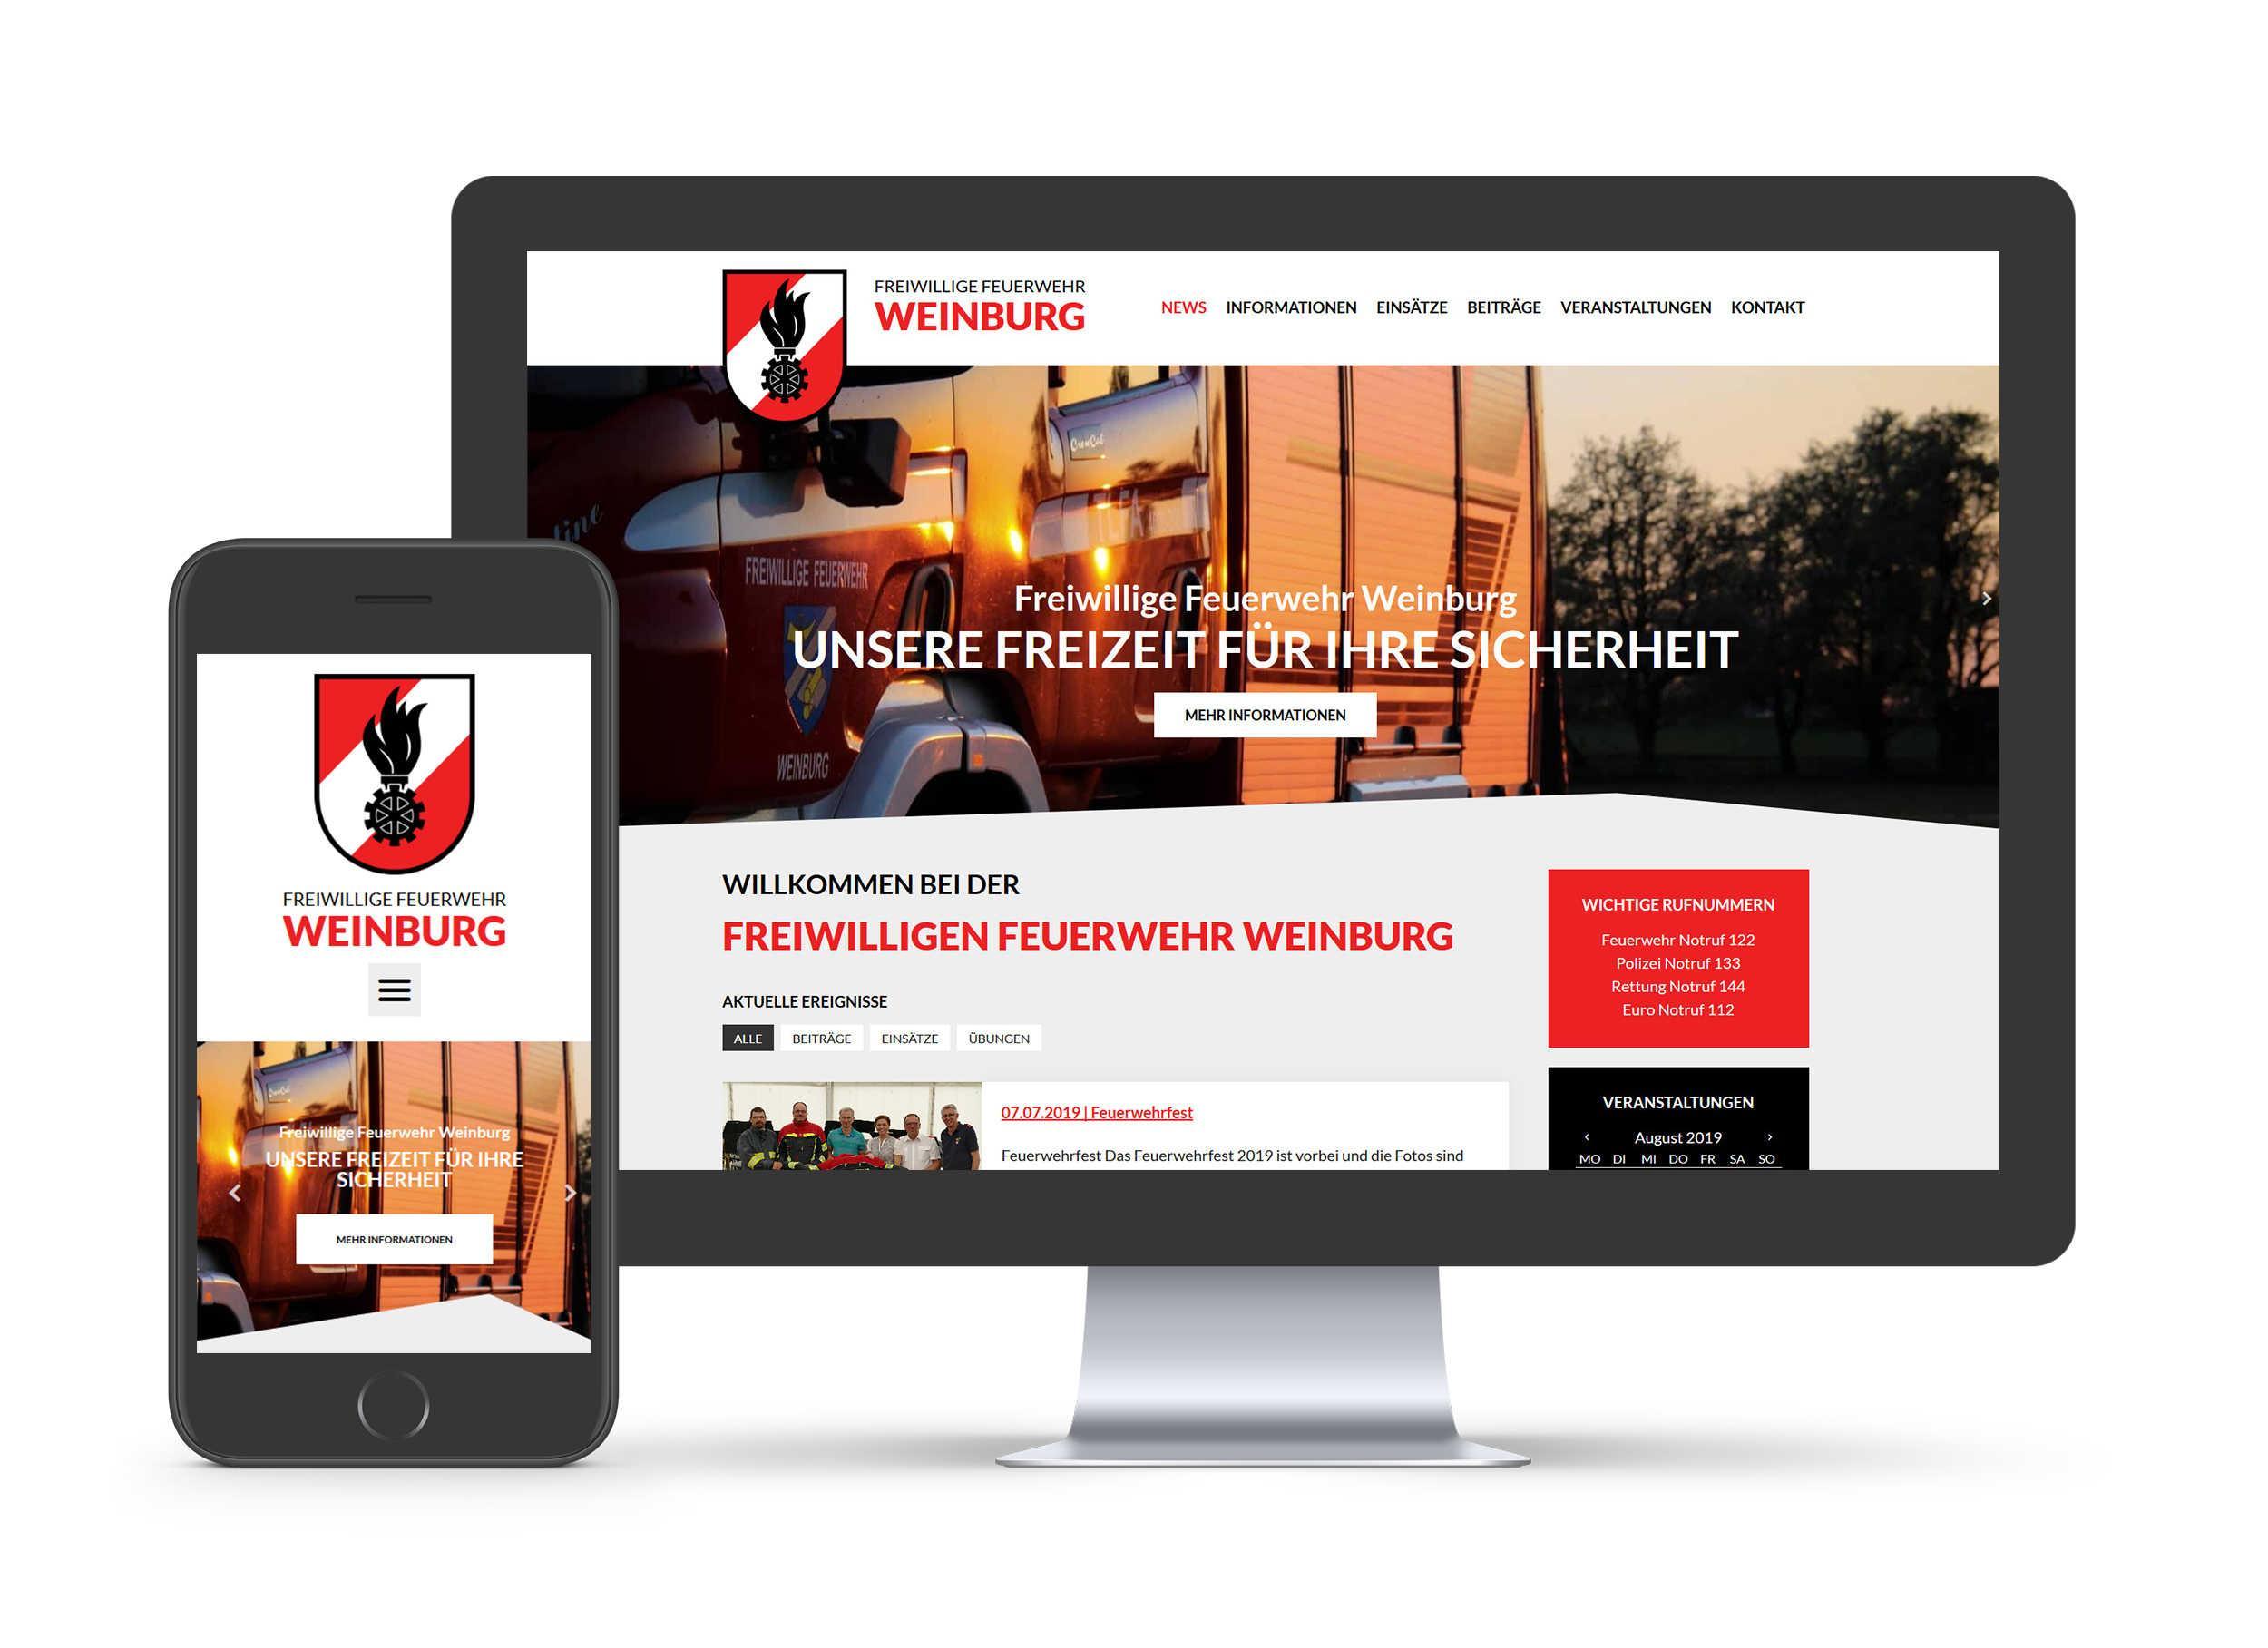 Freiwillige Feuerwehr Weinburg - Website